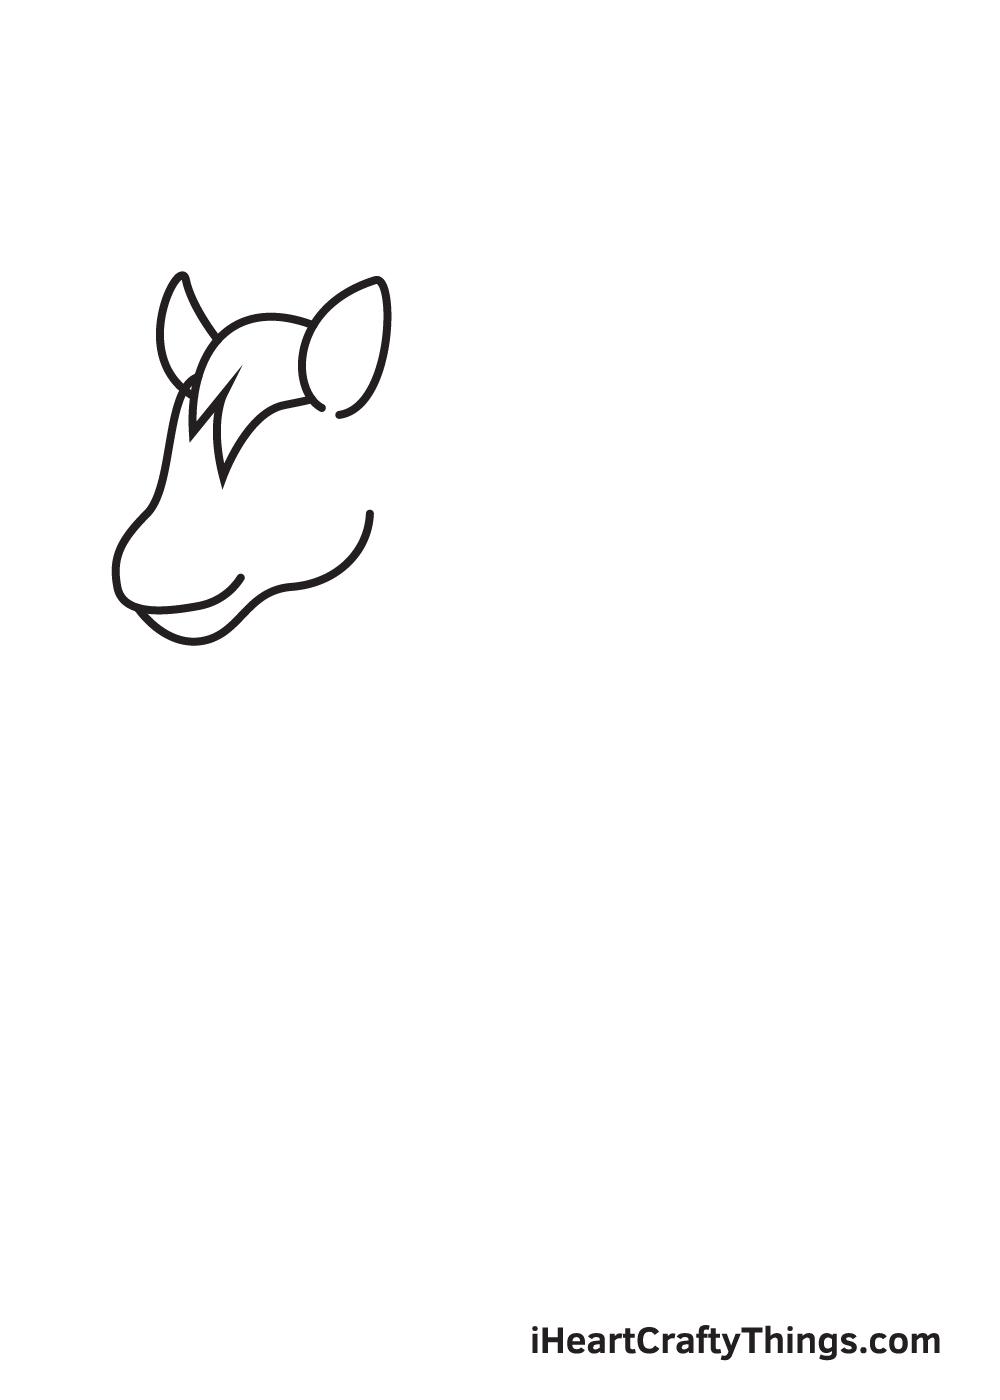 vẽ ngựa - bước 2